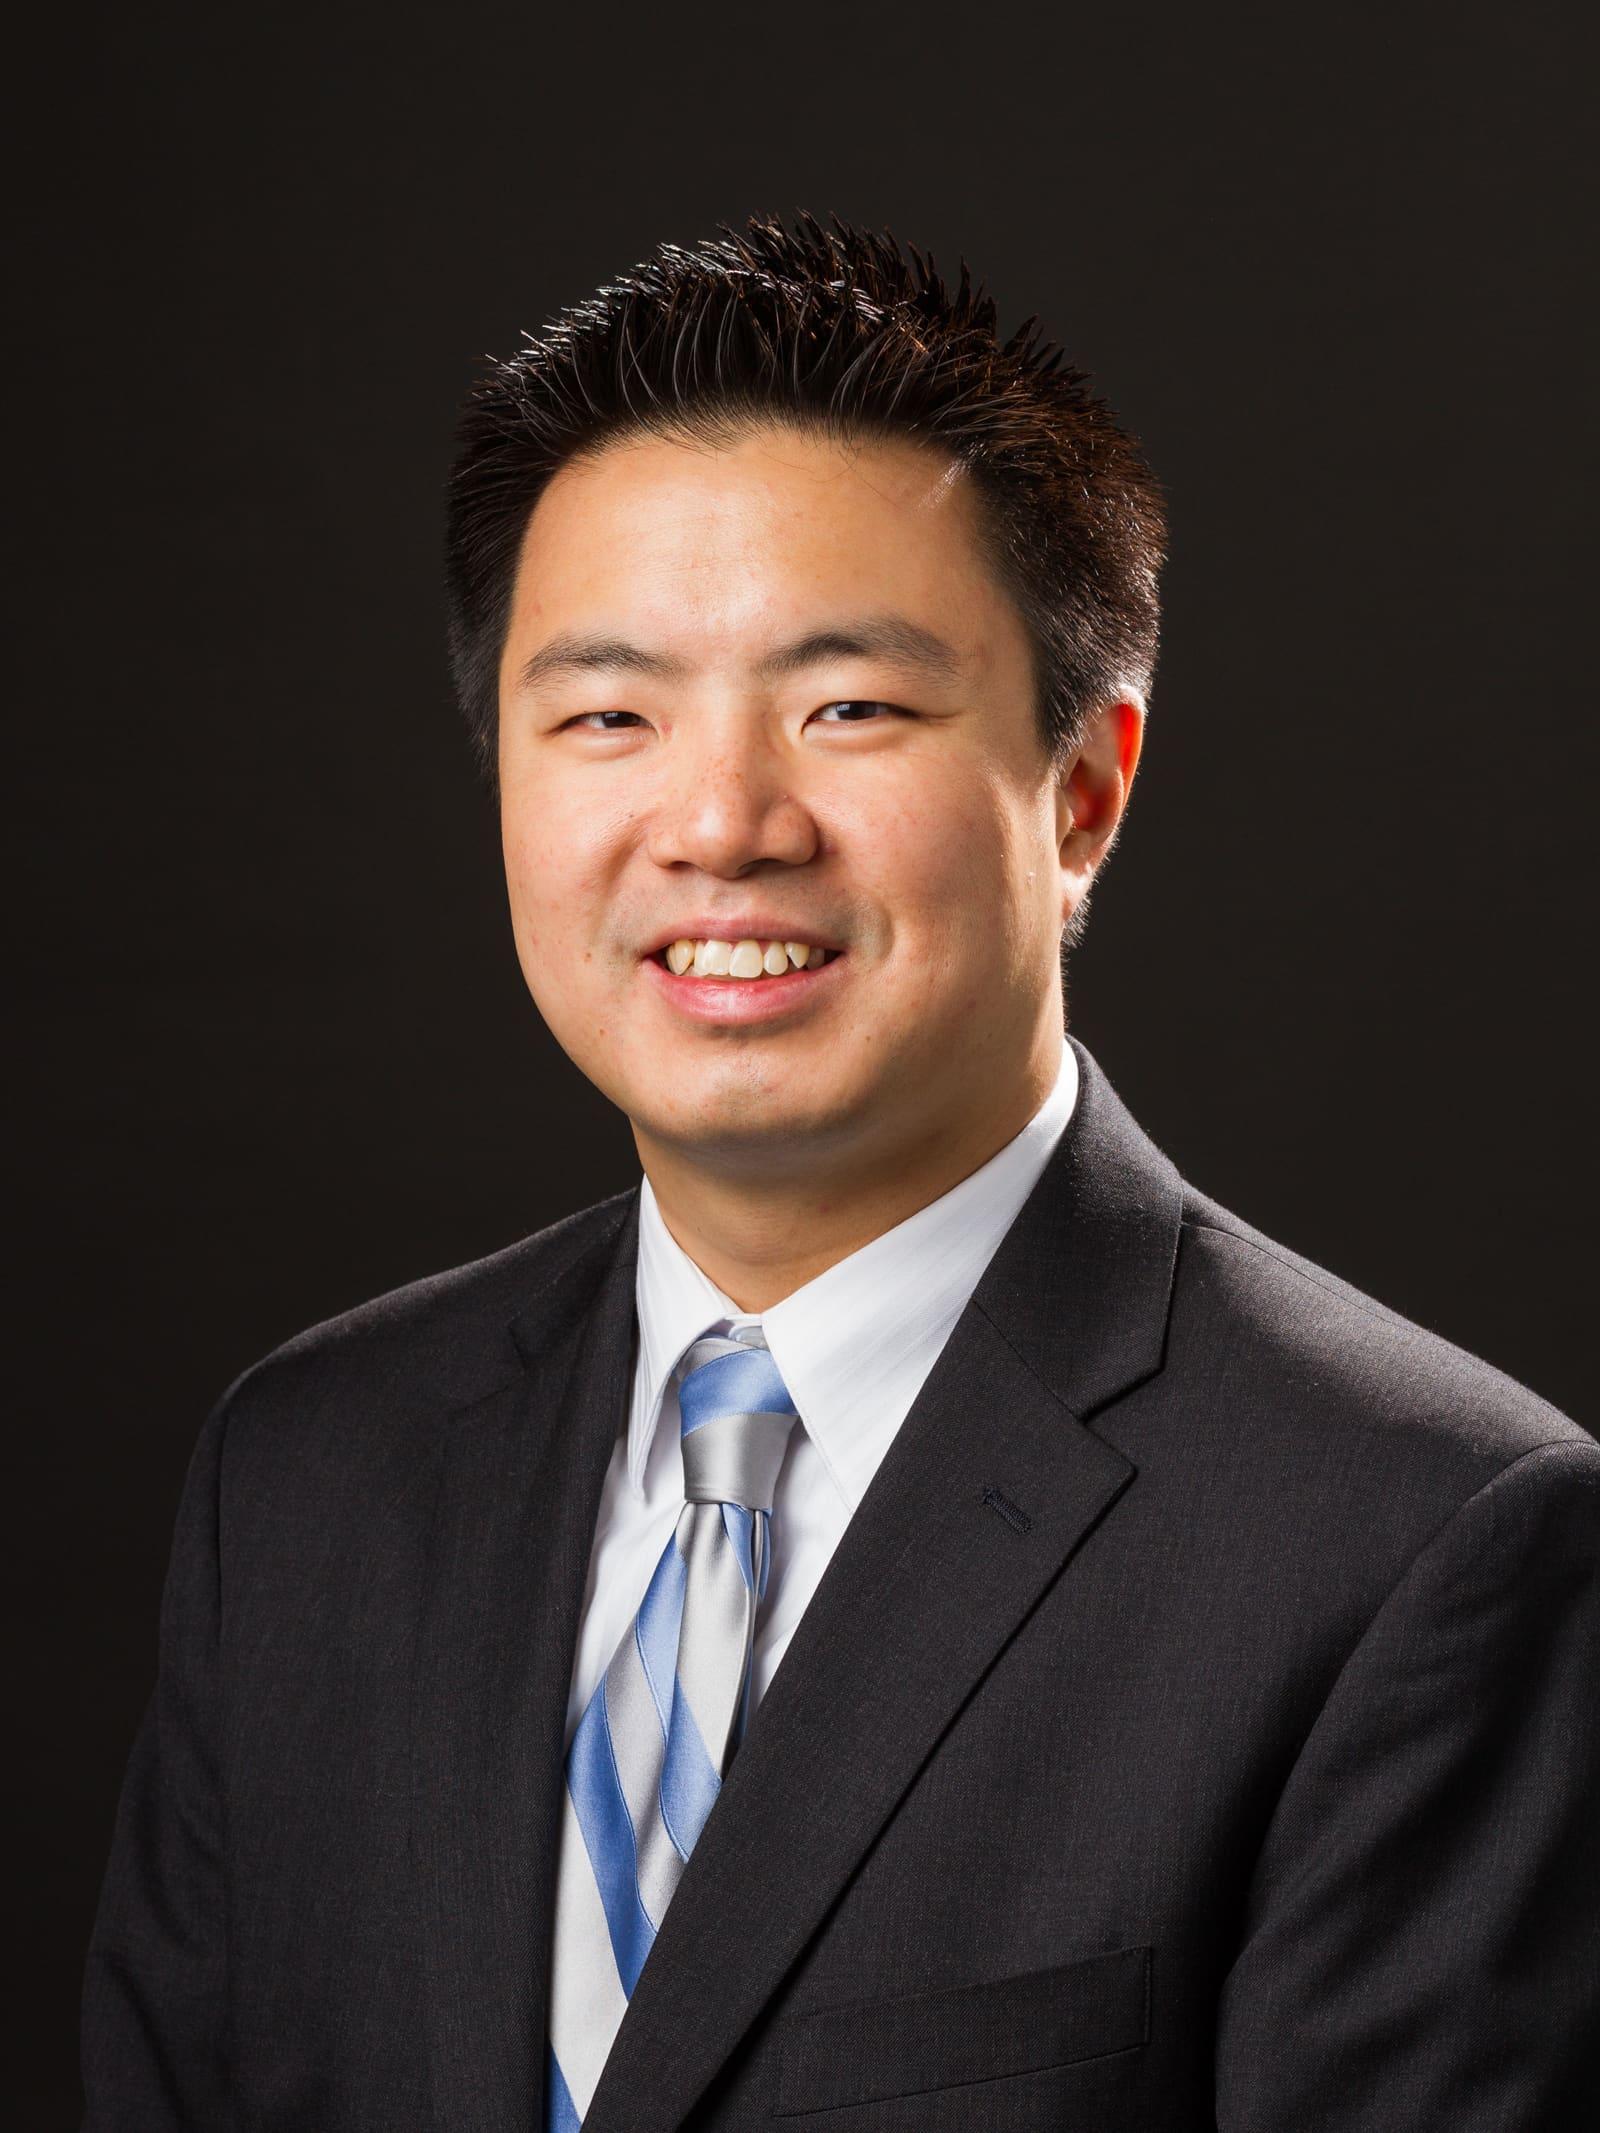 Benison Keung